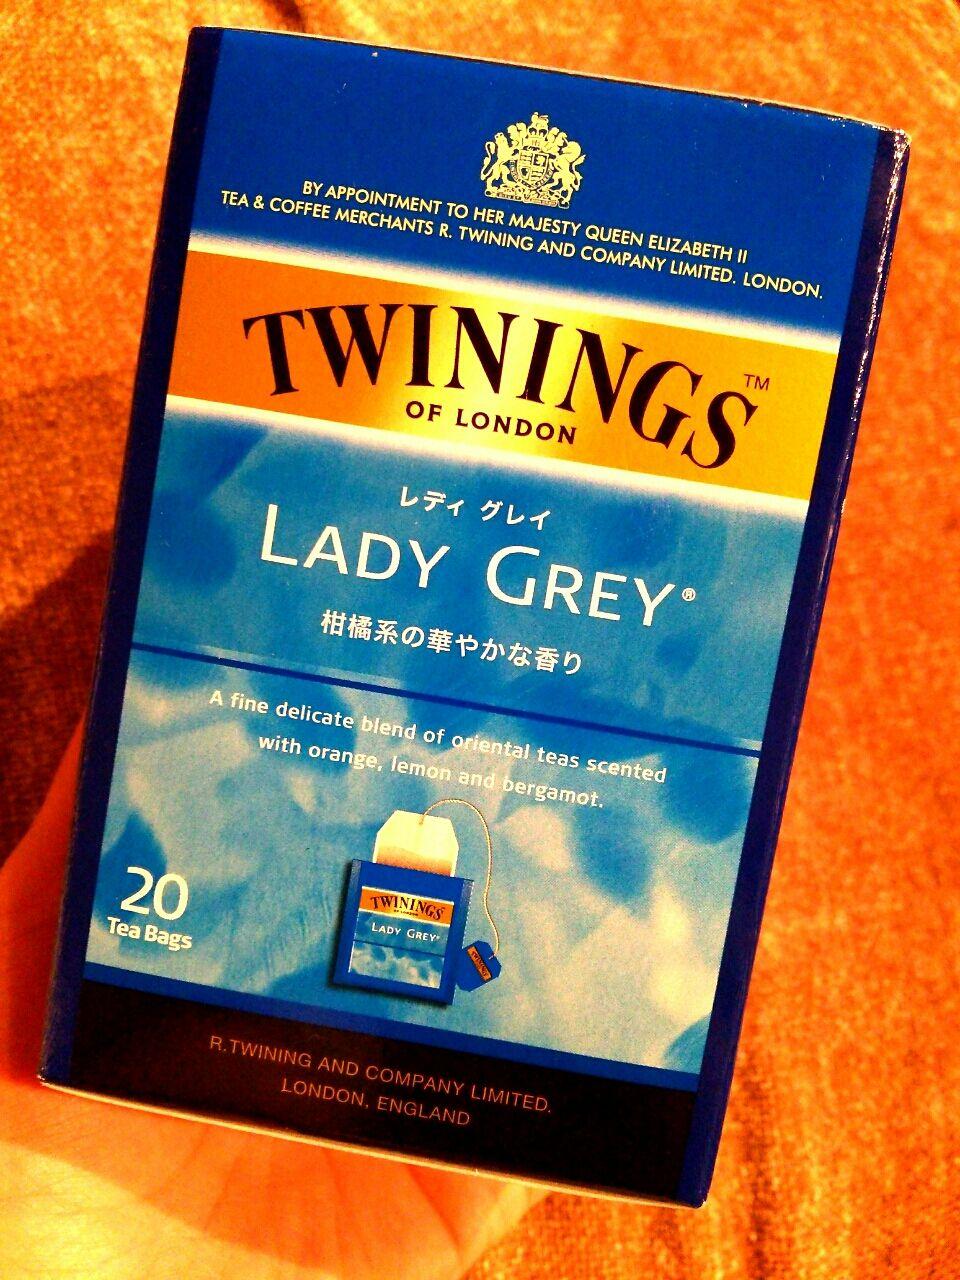 グレイ 紅茶 レディ